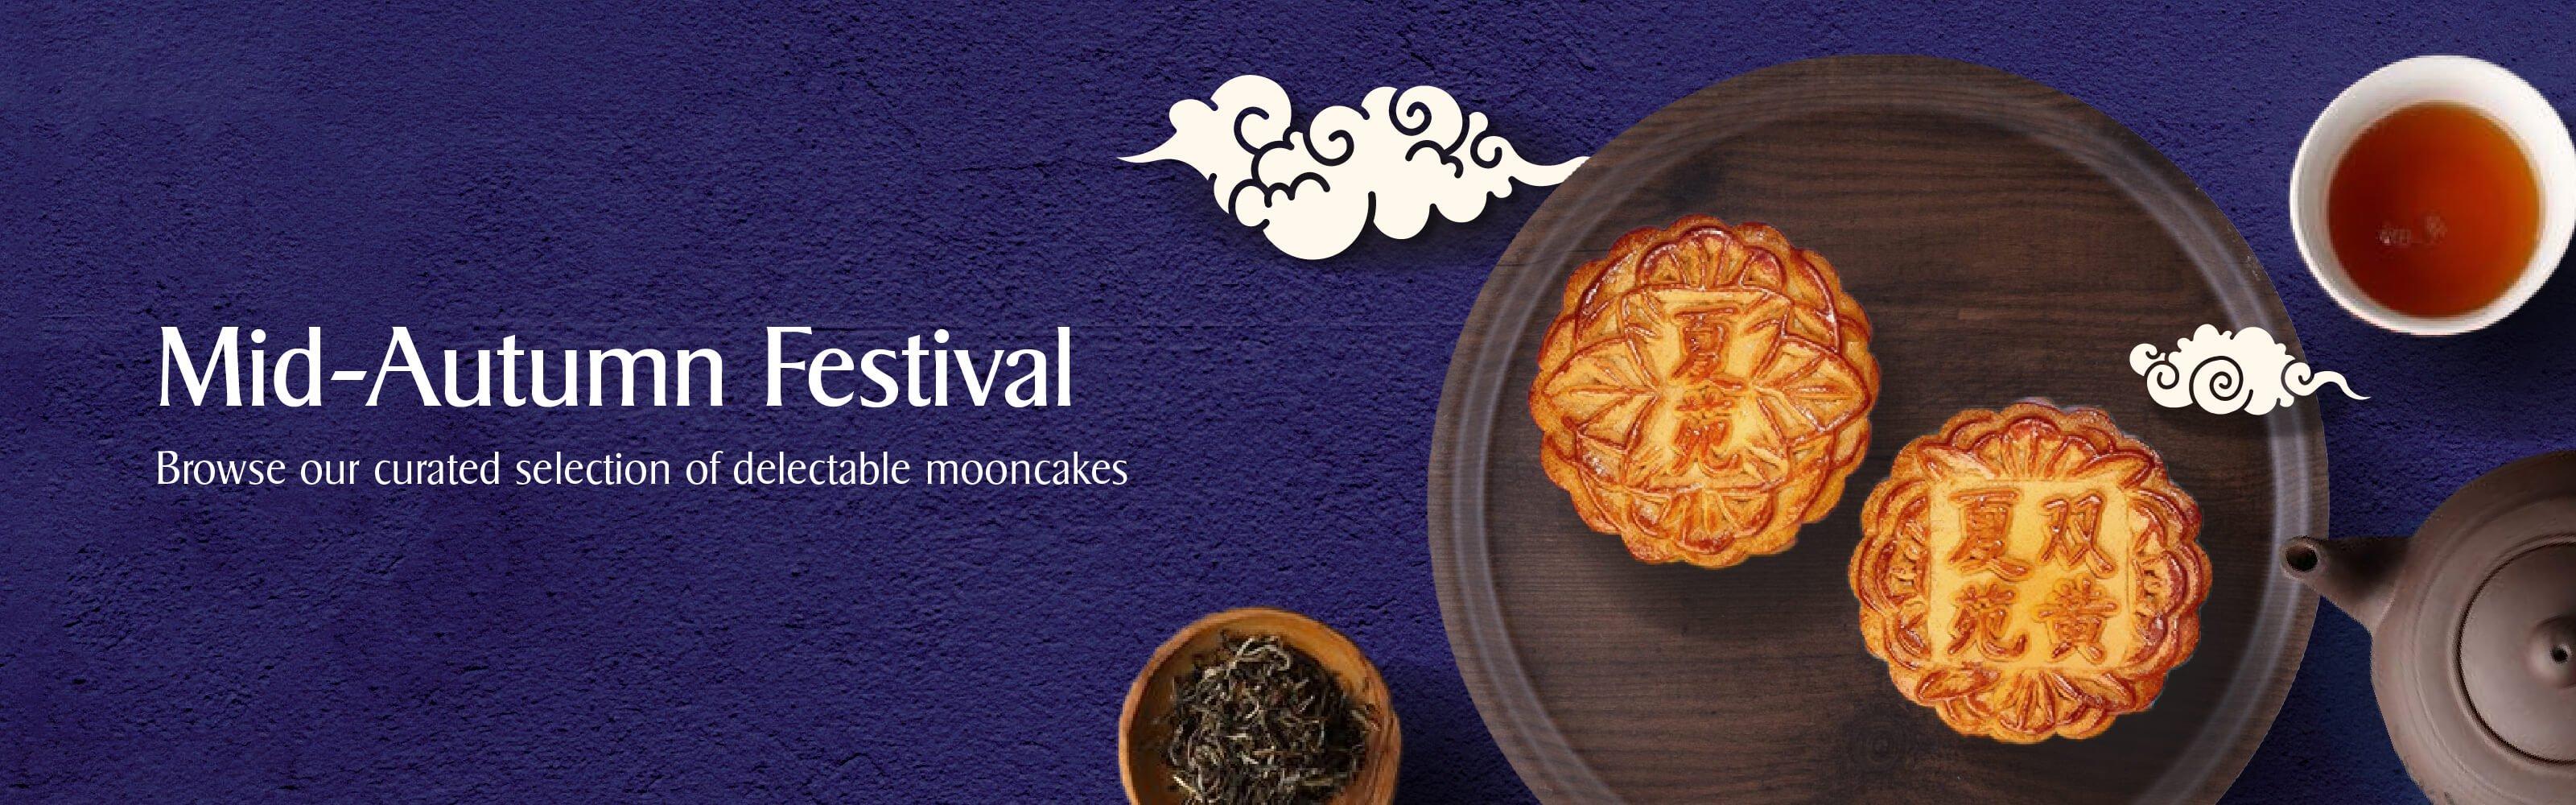 KrisShop Mooncake Mid-Autumn Festival